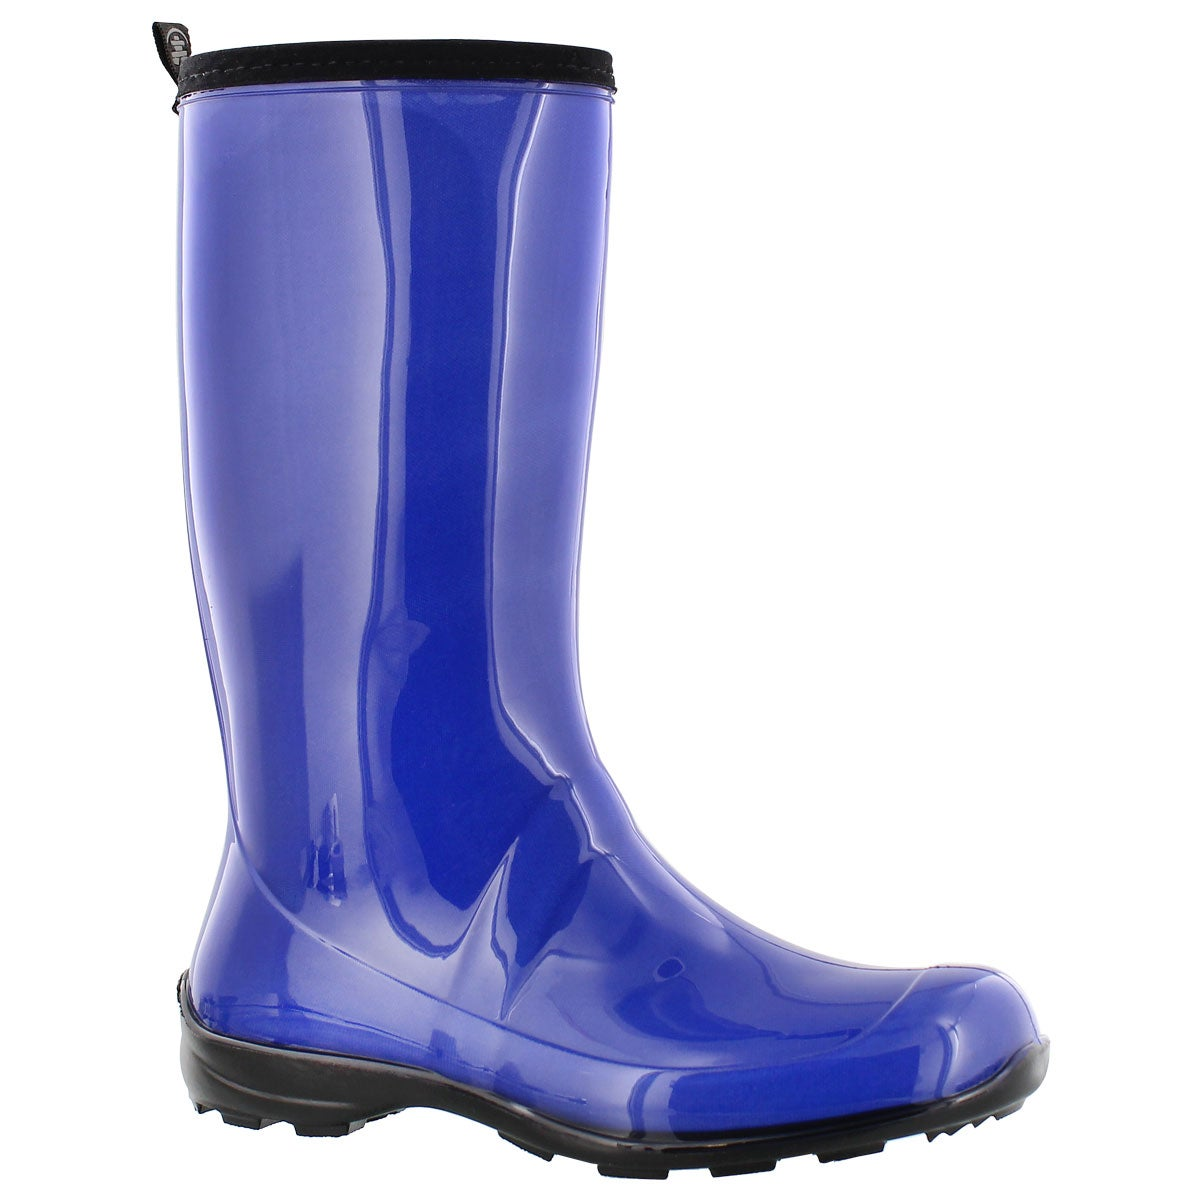 Lds Heidi blue mid wtpf rain boot